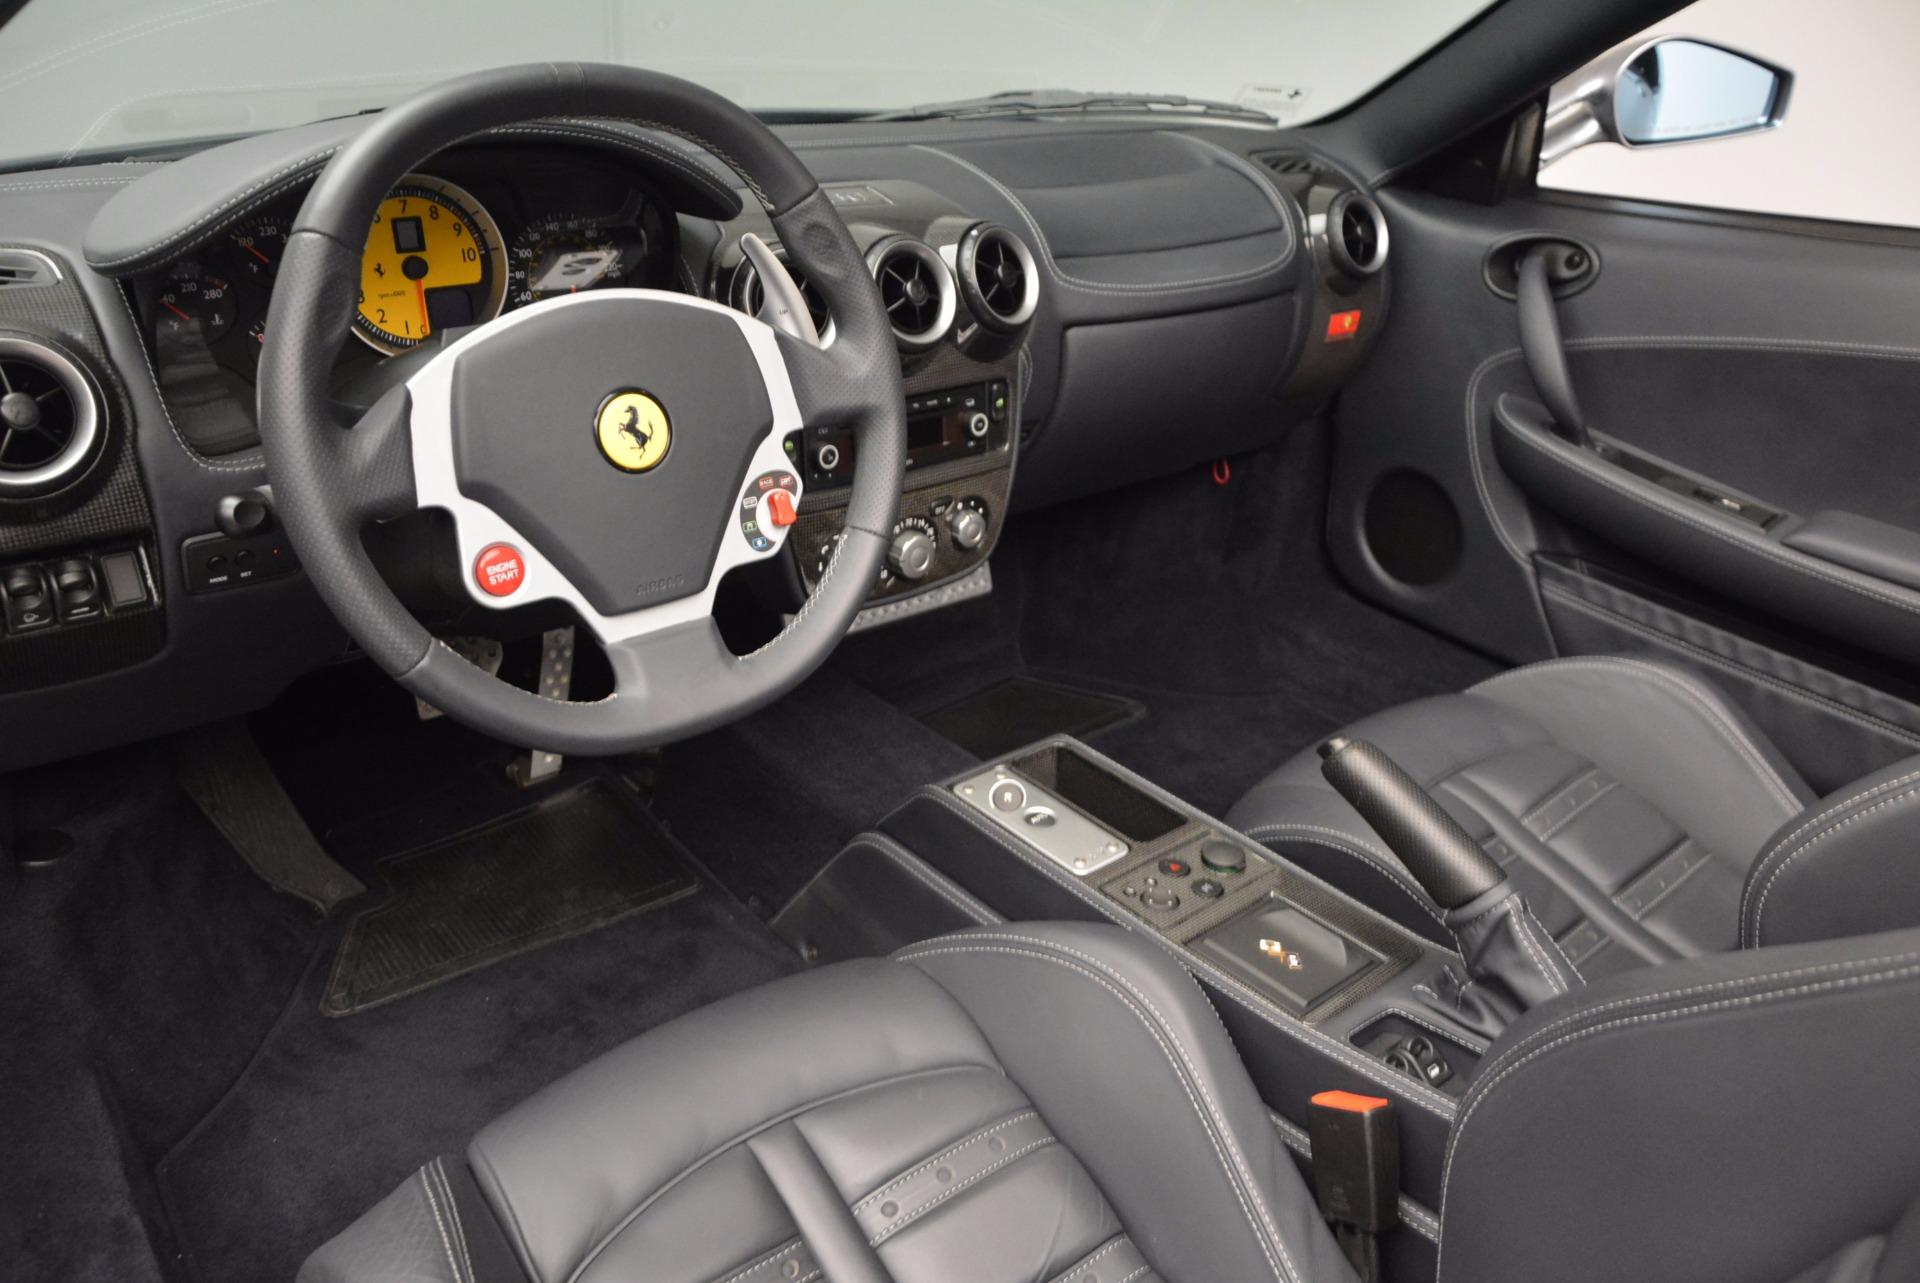 Used 2007 Ferrari F430 Spider For Sale In Greenwich, CT 1052_p25